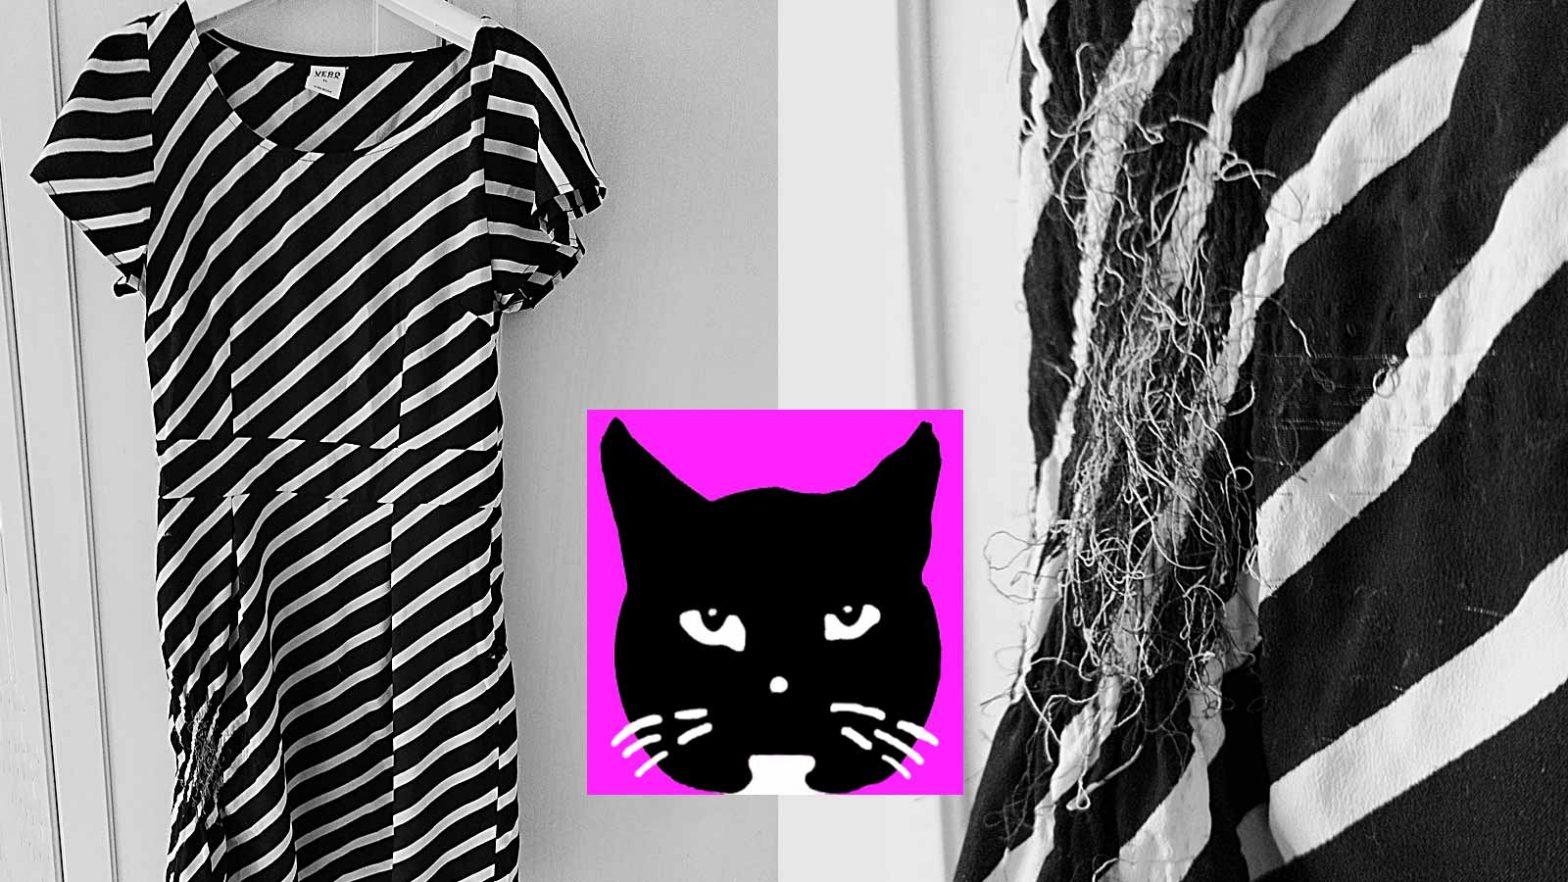 Katze zerstört alles? Luzi schrottet nur gewisse Stoffe, bevorzugt gestreifte Kleider